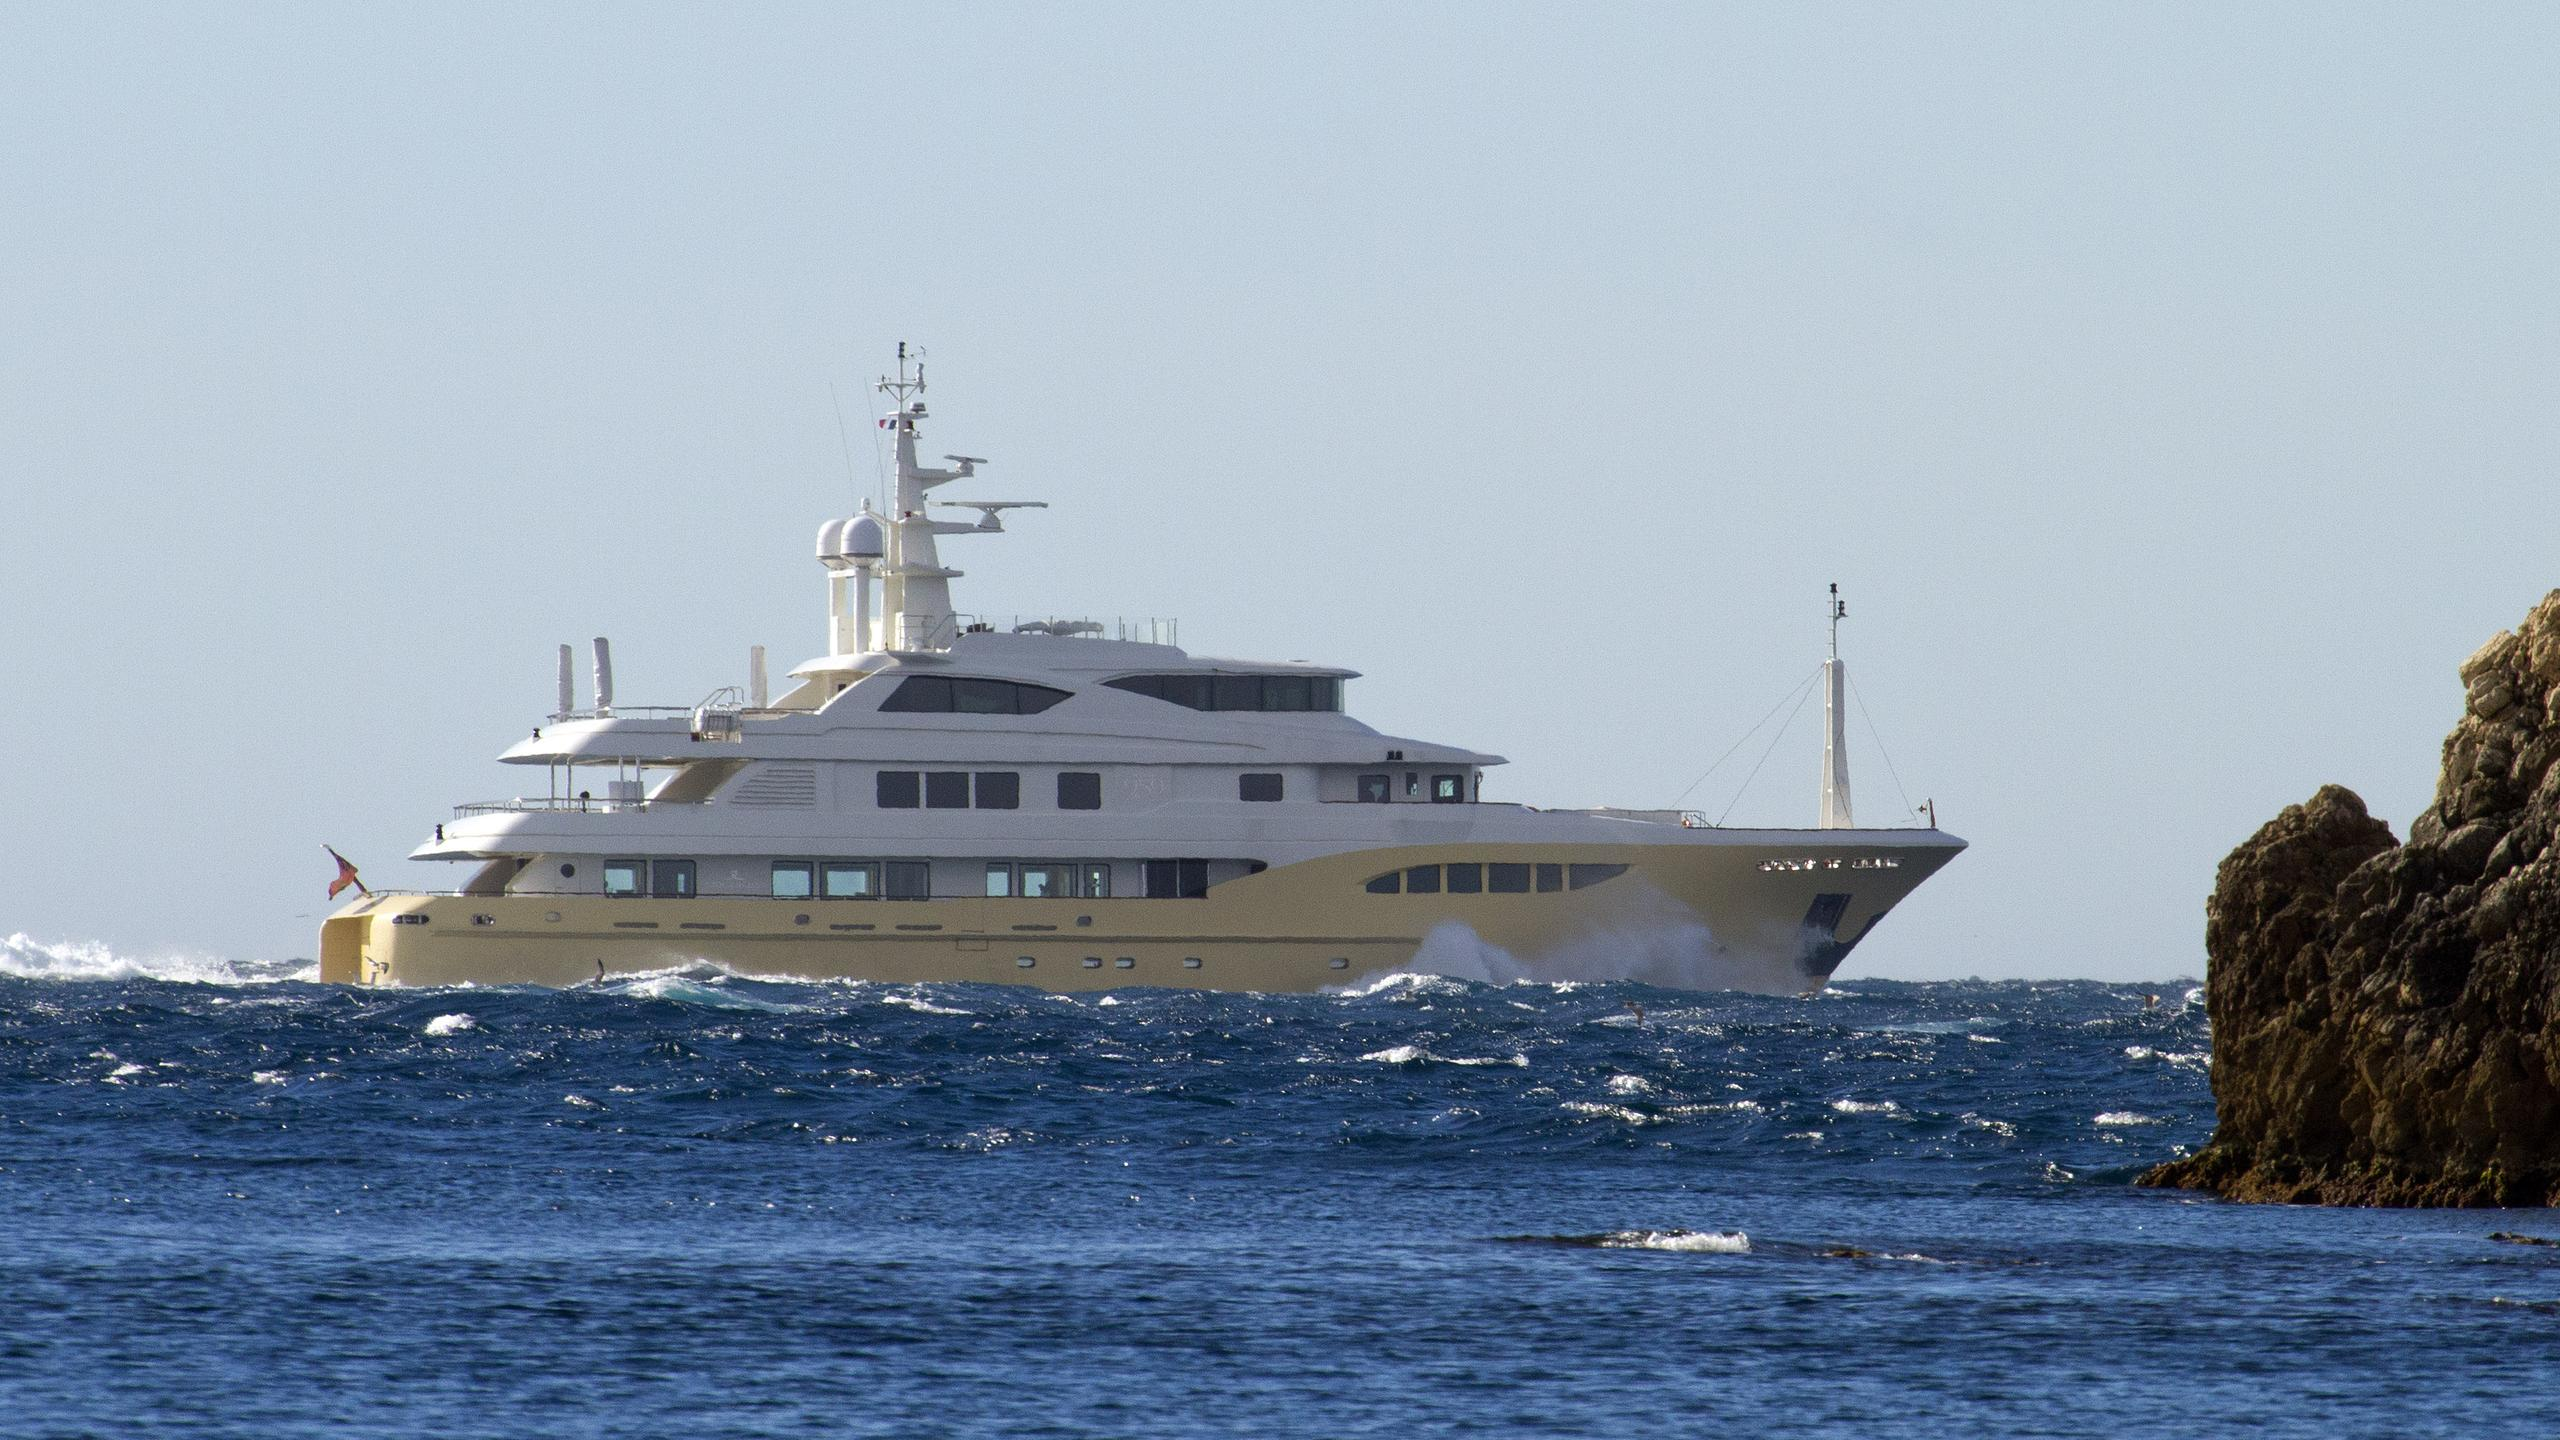 jade-959-bandido-170-explorer-yacht-2014-52m-running-profile